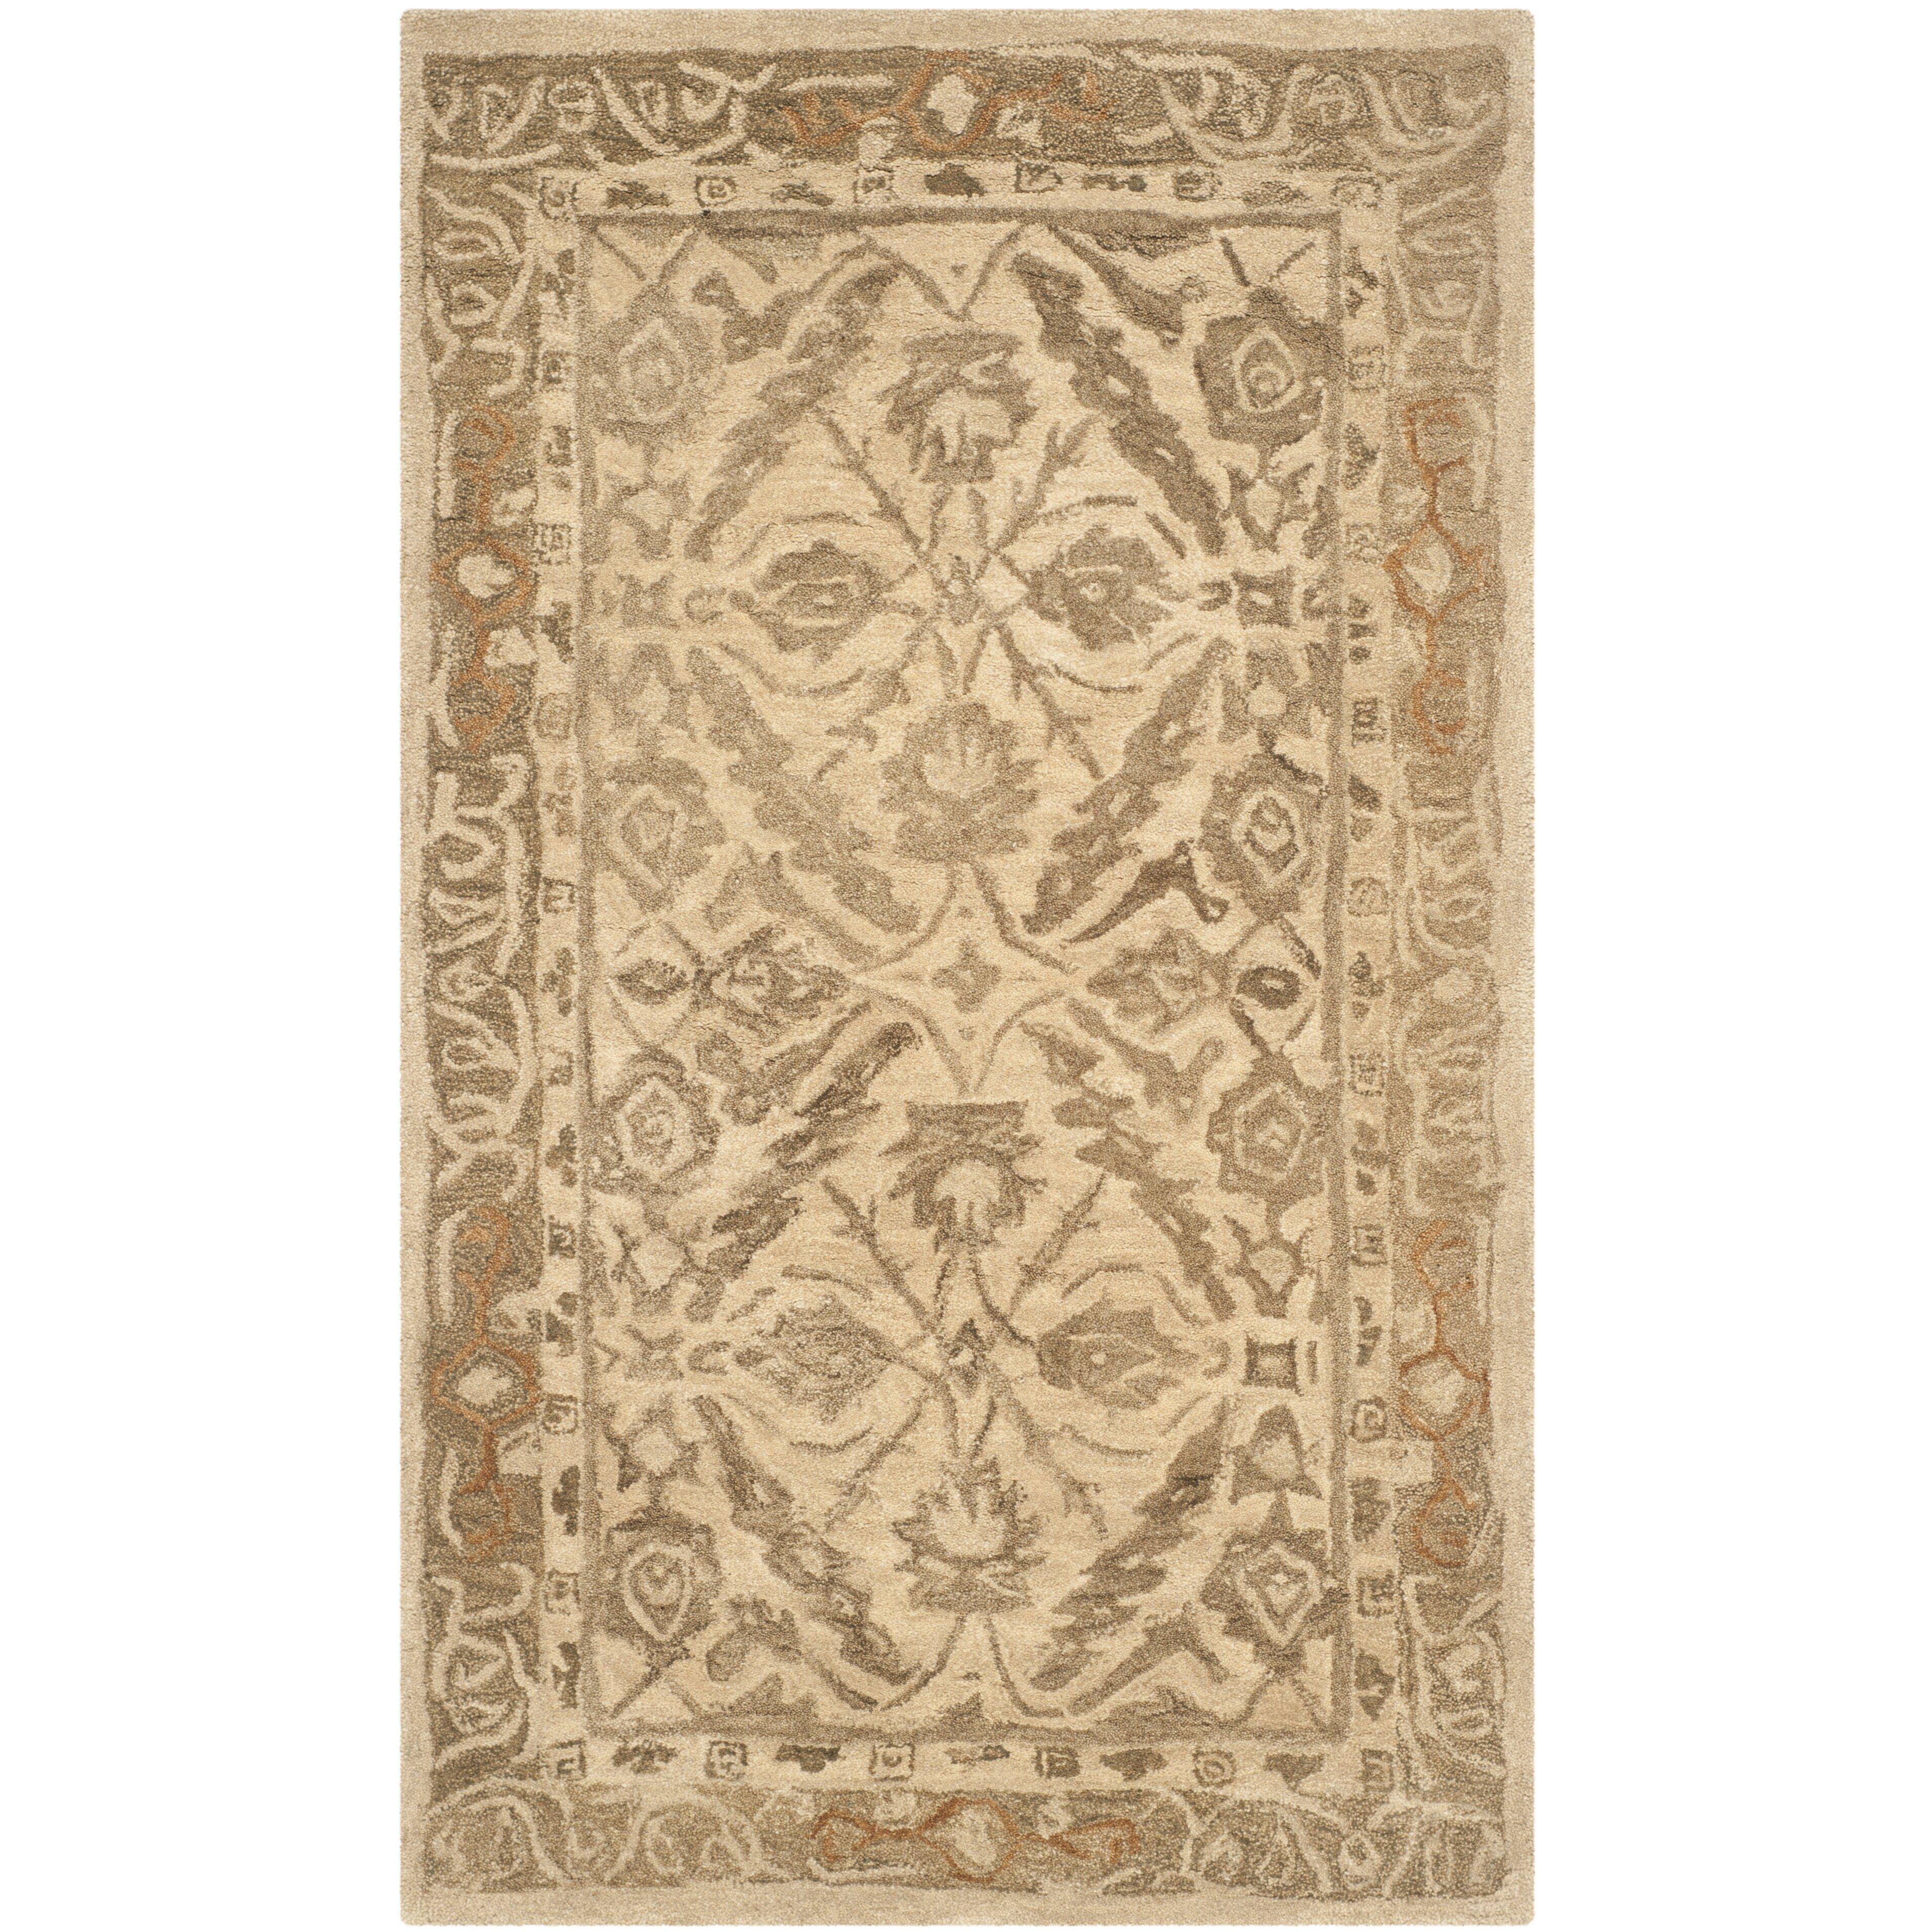 Safavieh anatolia ivory area rug reviews wayfair for Safavieh rugs